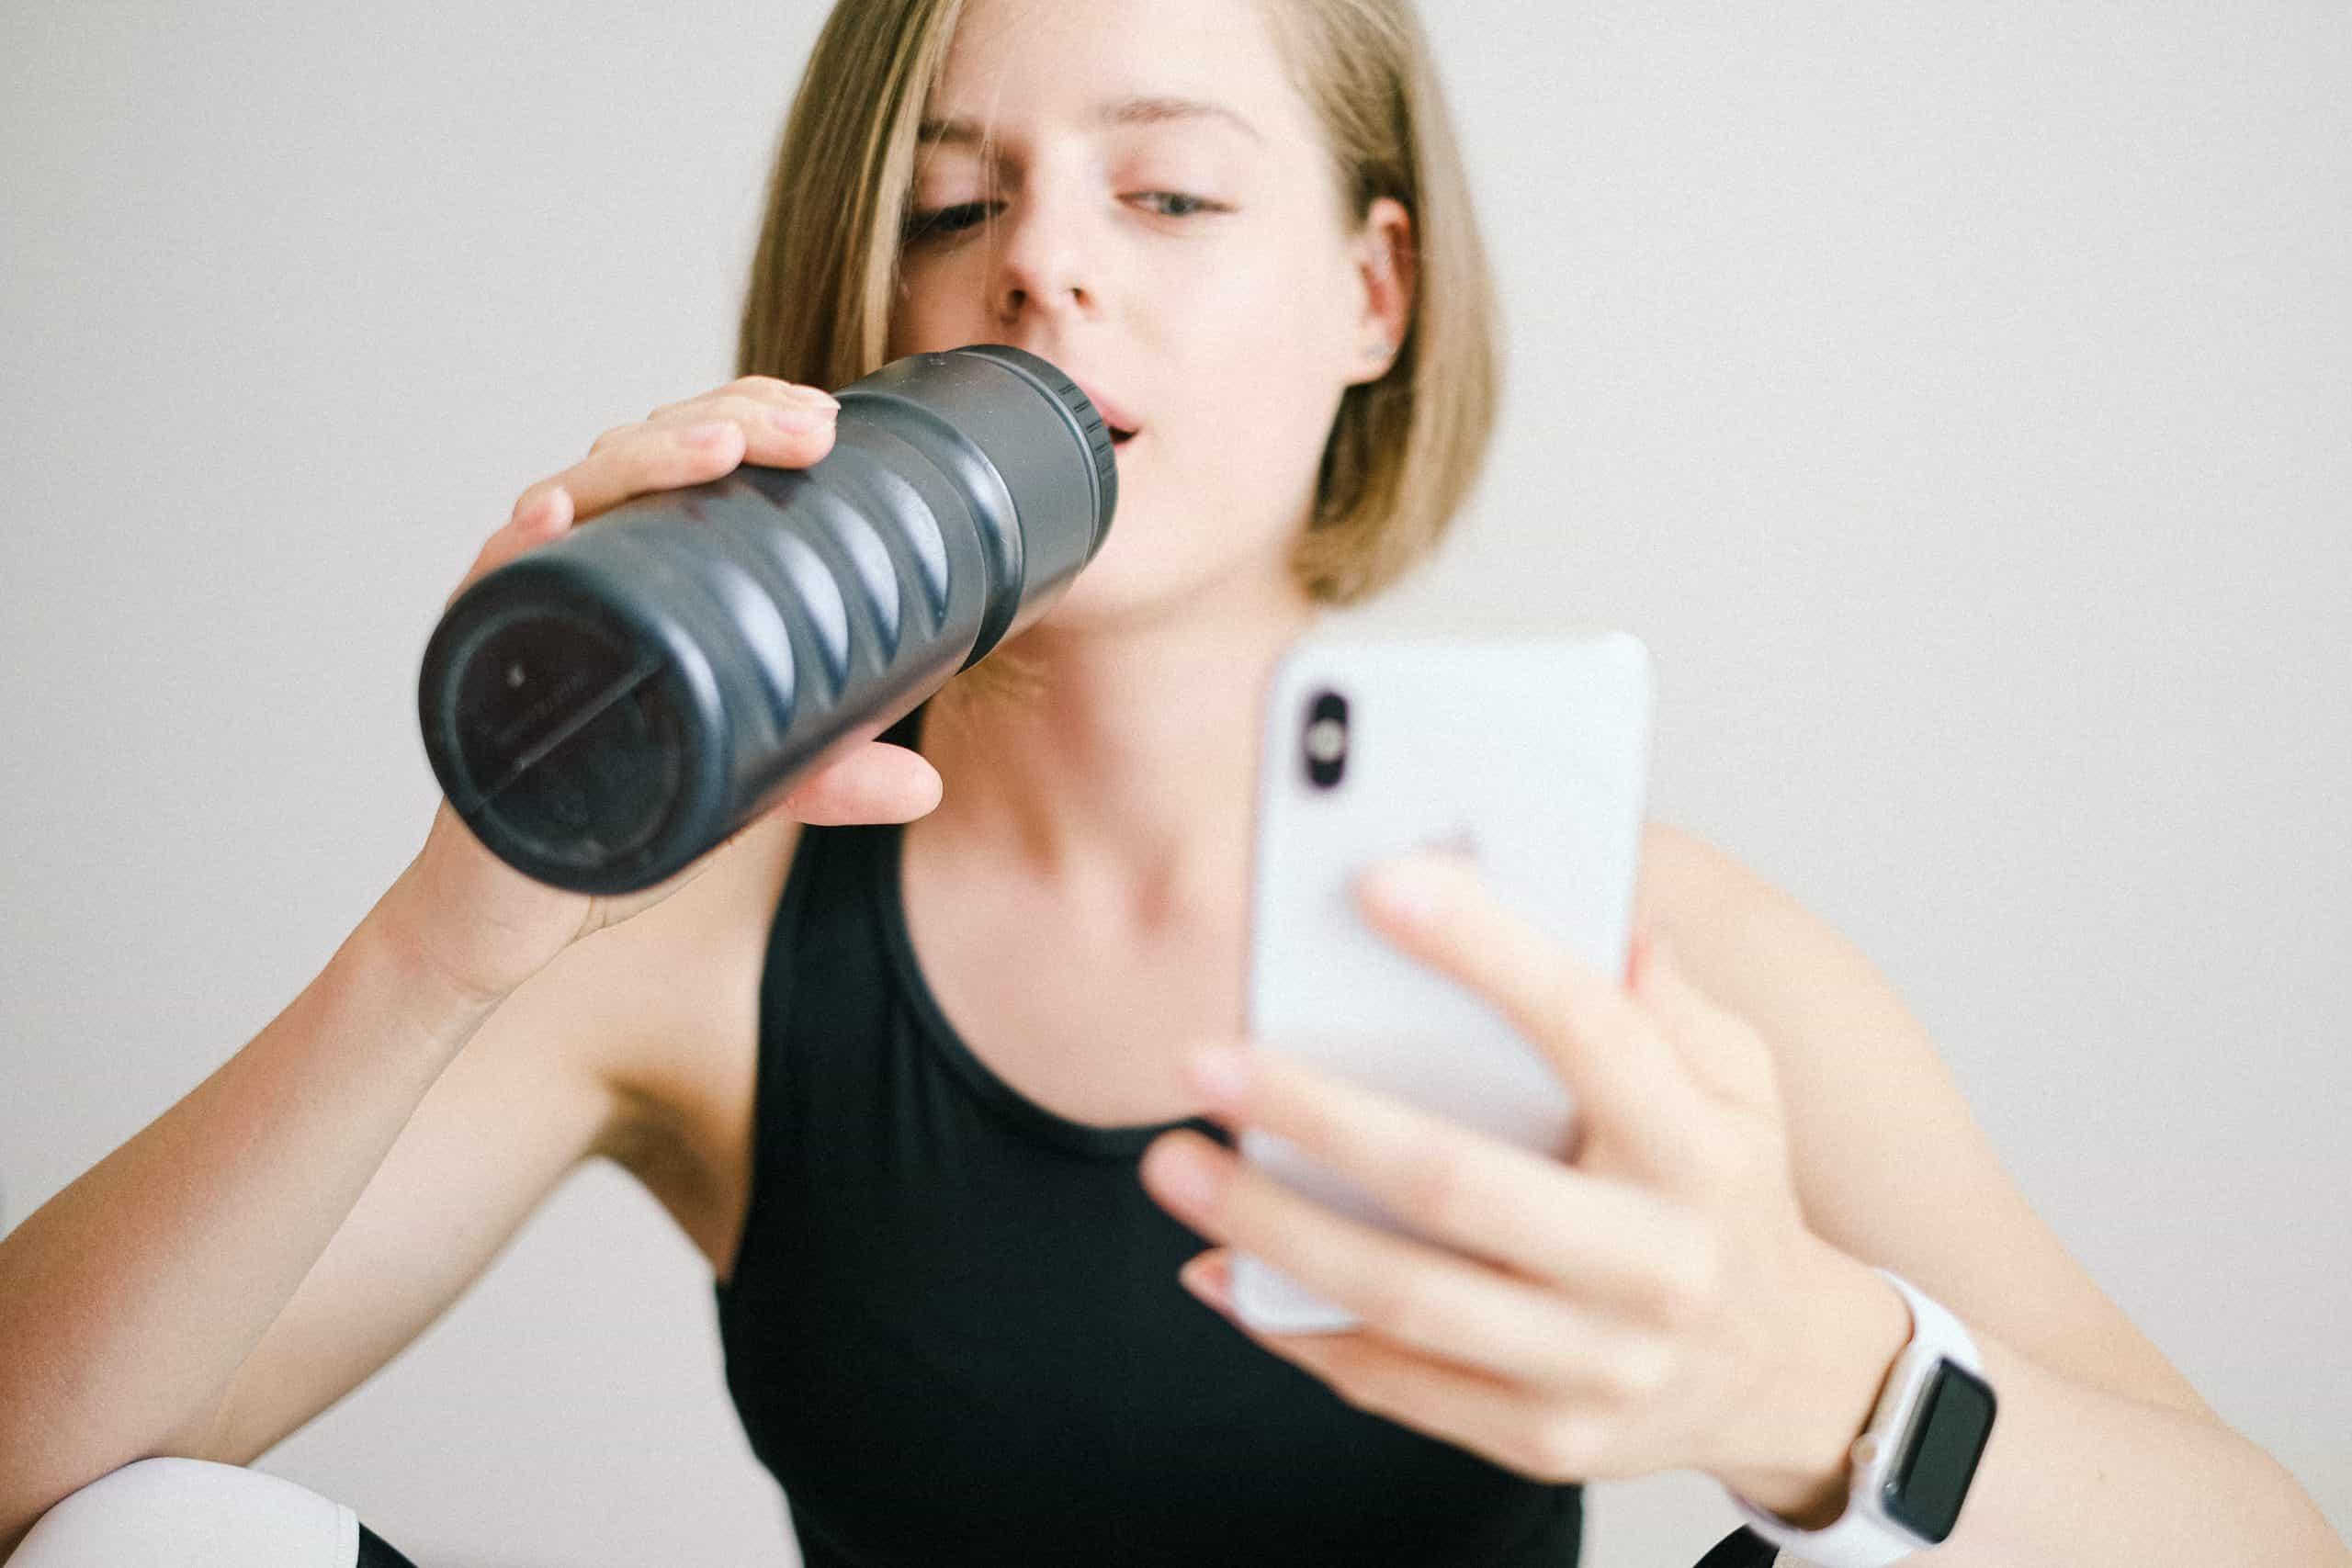 Czy sklepowe napoje izotoniczne dobrze nawadniają organizm sportowca?